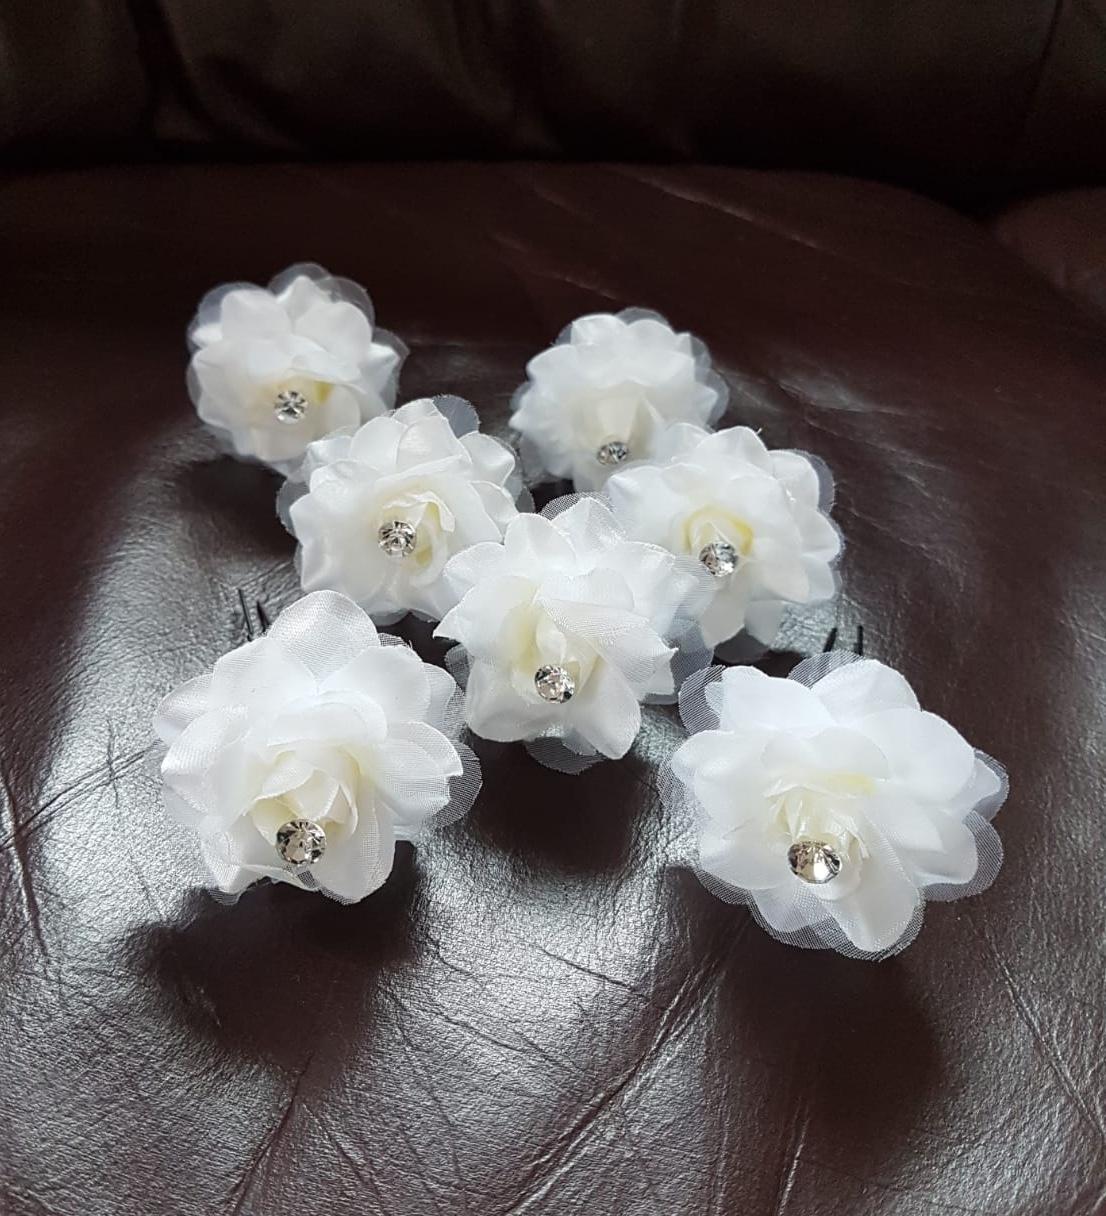 kvety do vlasov - 7 ks - Obrázok č. 1